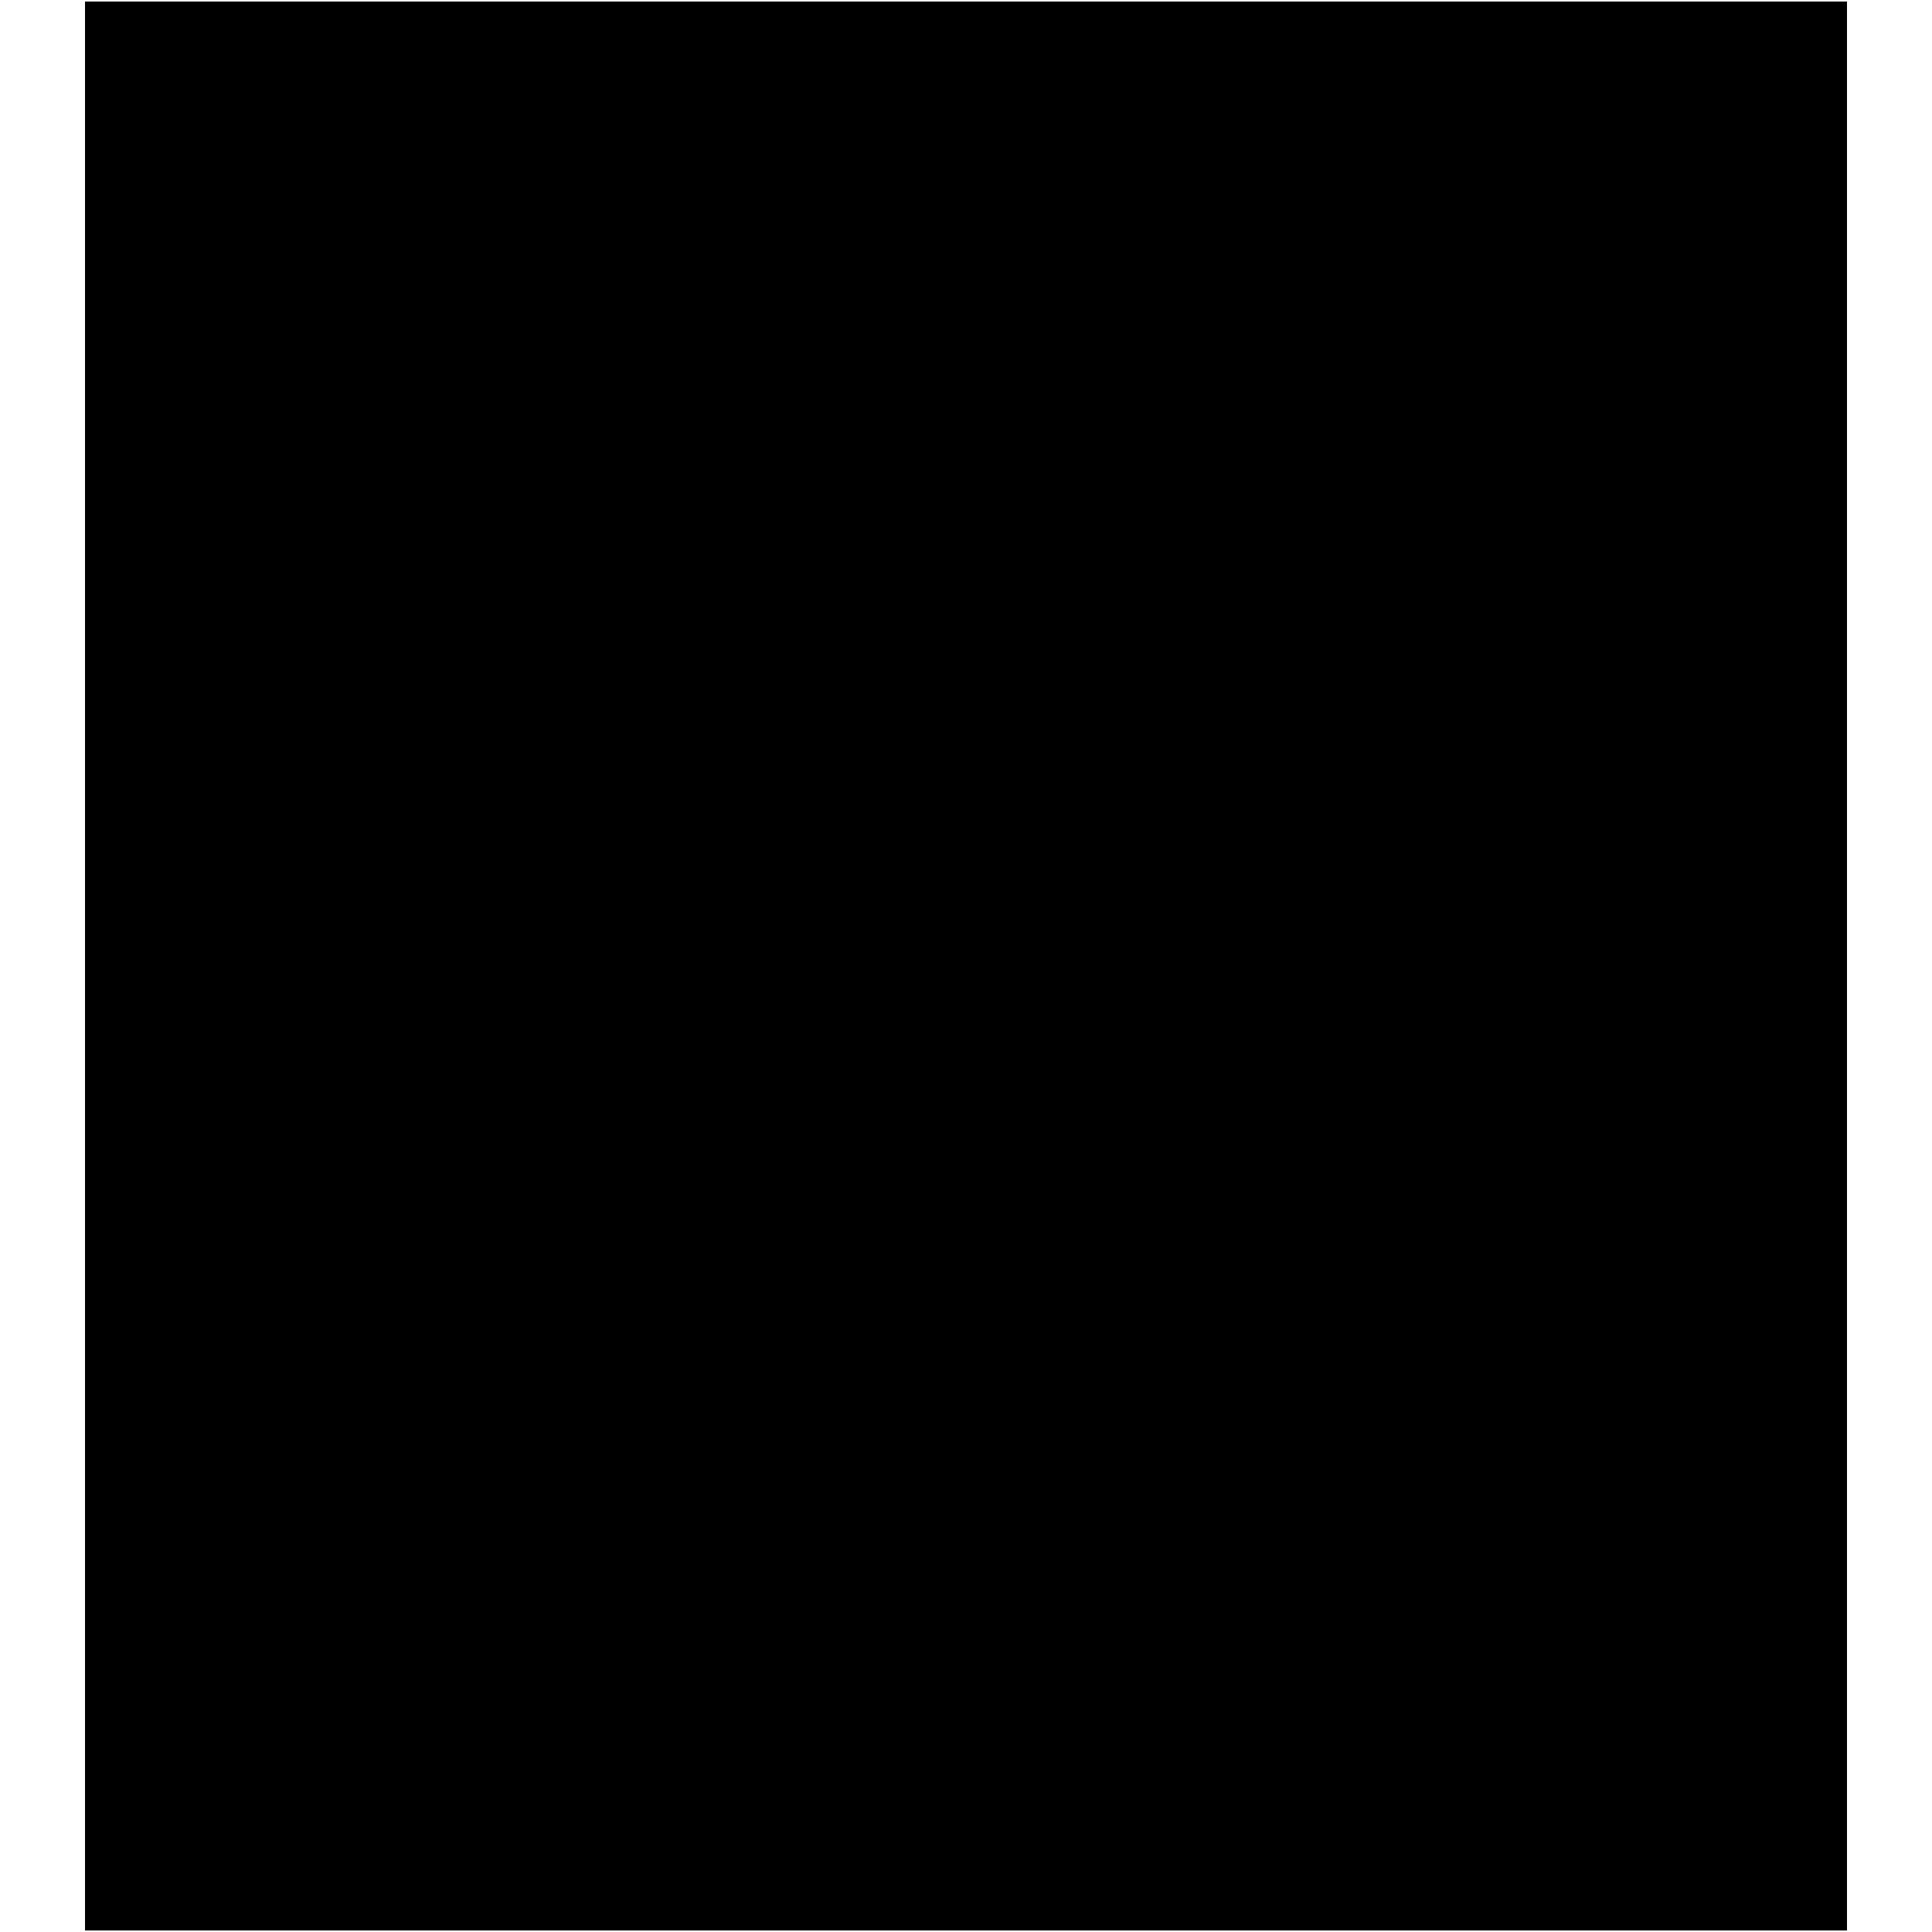 스마트홈트 화이트 테마